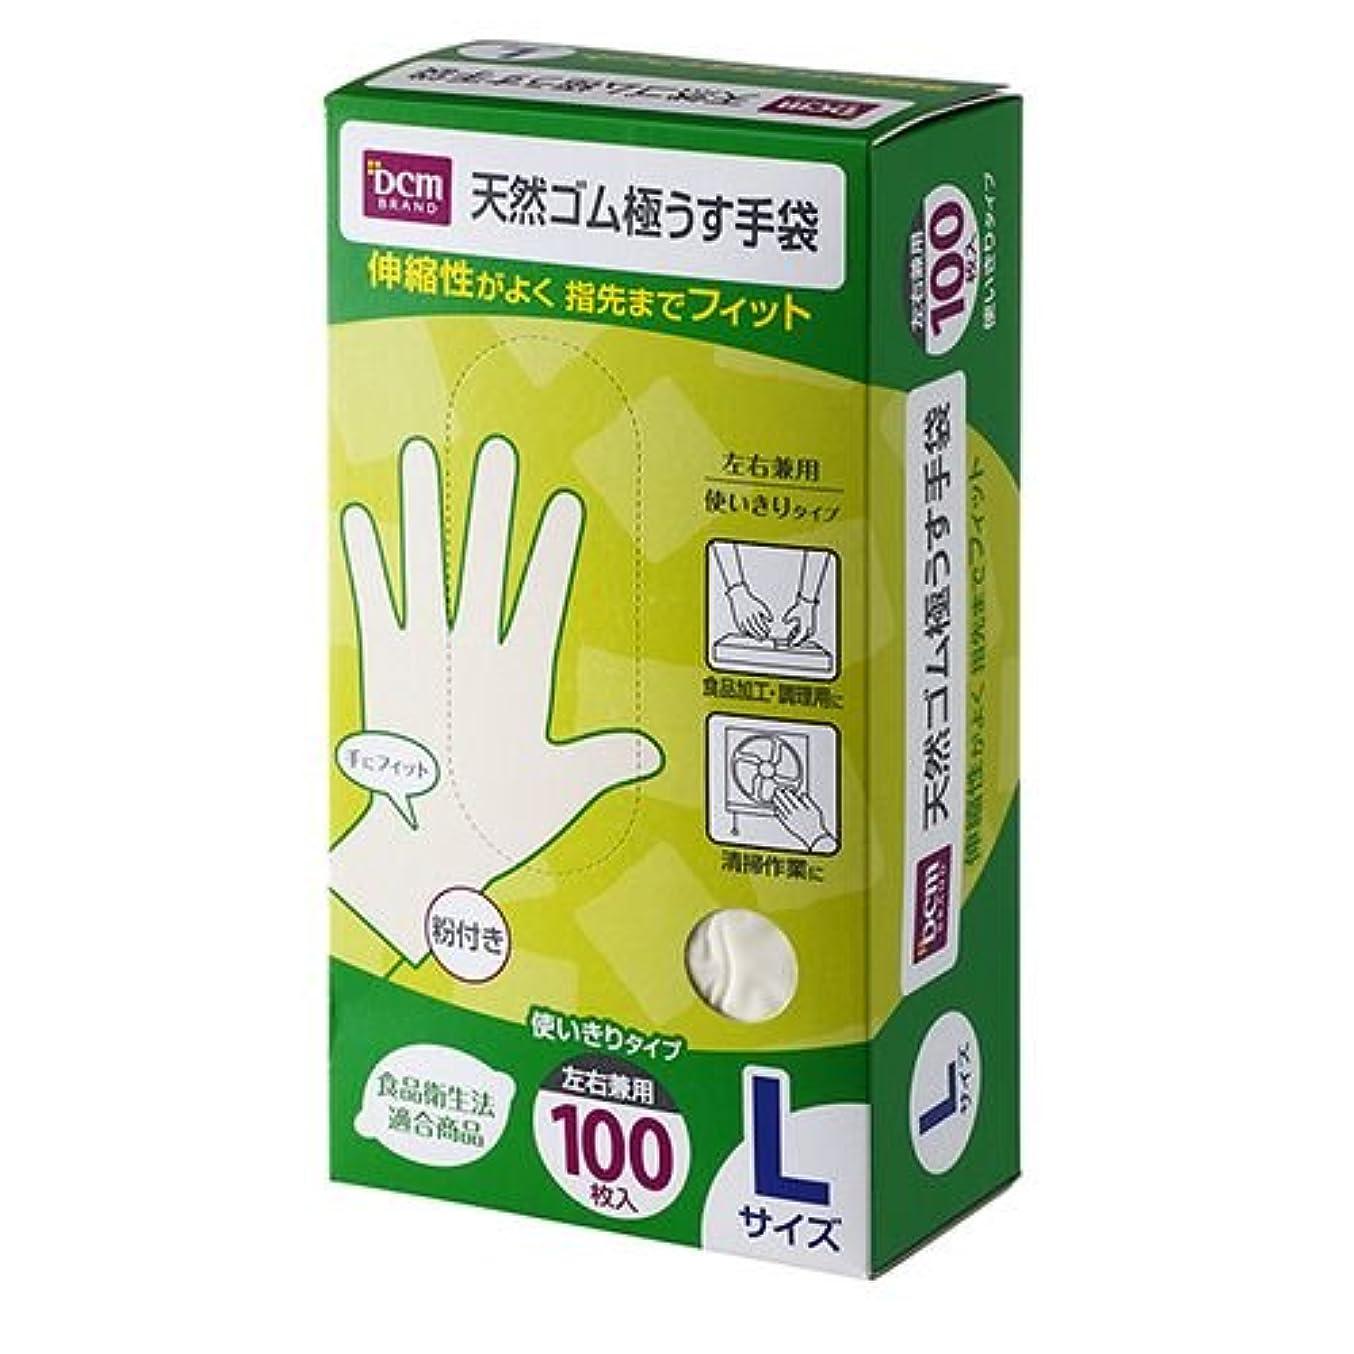 一般的な旋回箱天然ゴム 極うす 手袋 HI06T81 L 100枚入 L